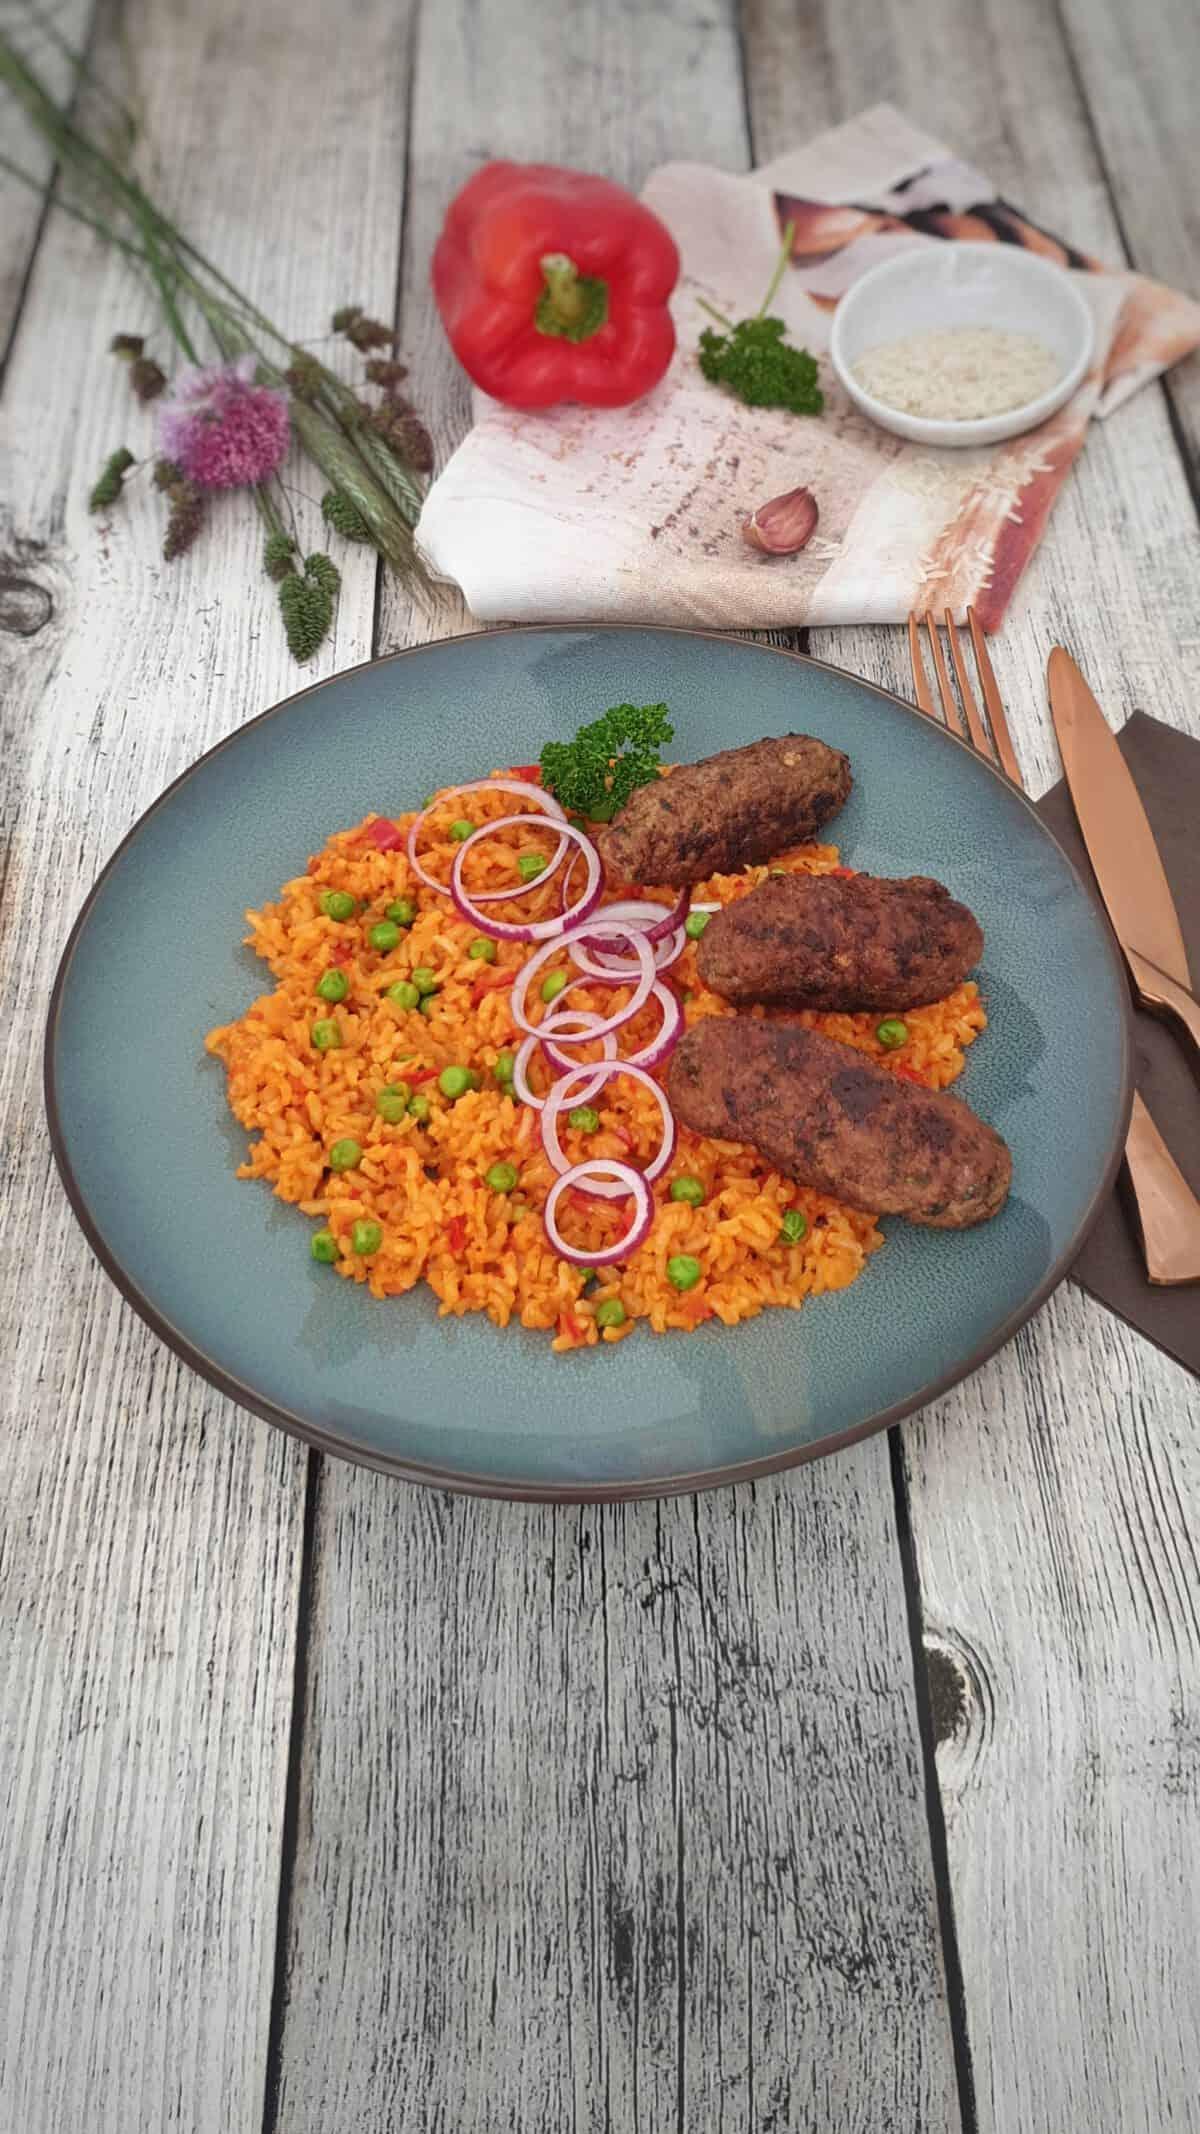 Auf einem blauen Teller Cevapcici mit Djuveč Reis. Mit roten Zwiebelringen garniert. Im Hintergrund Deko.